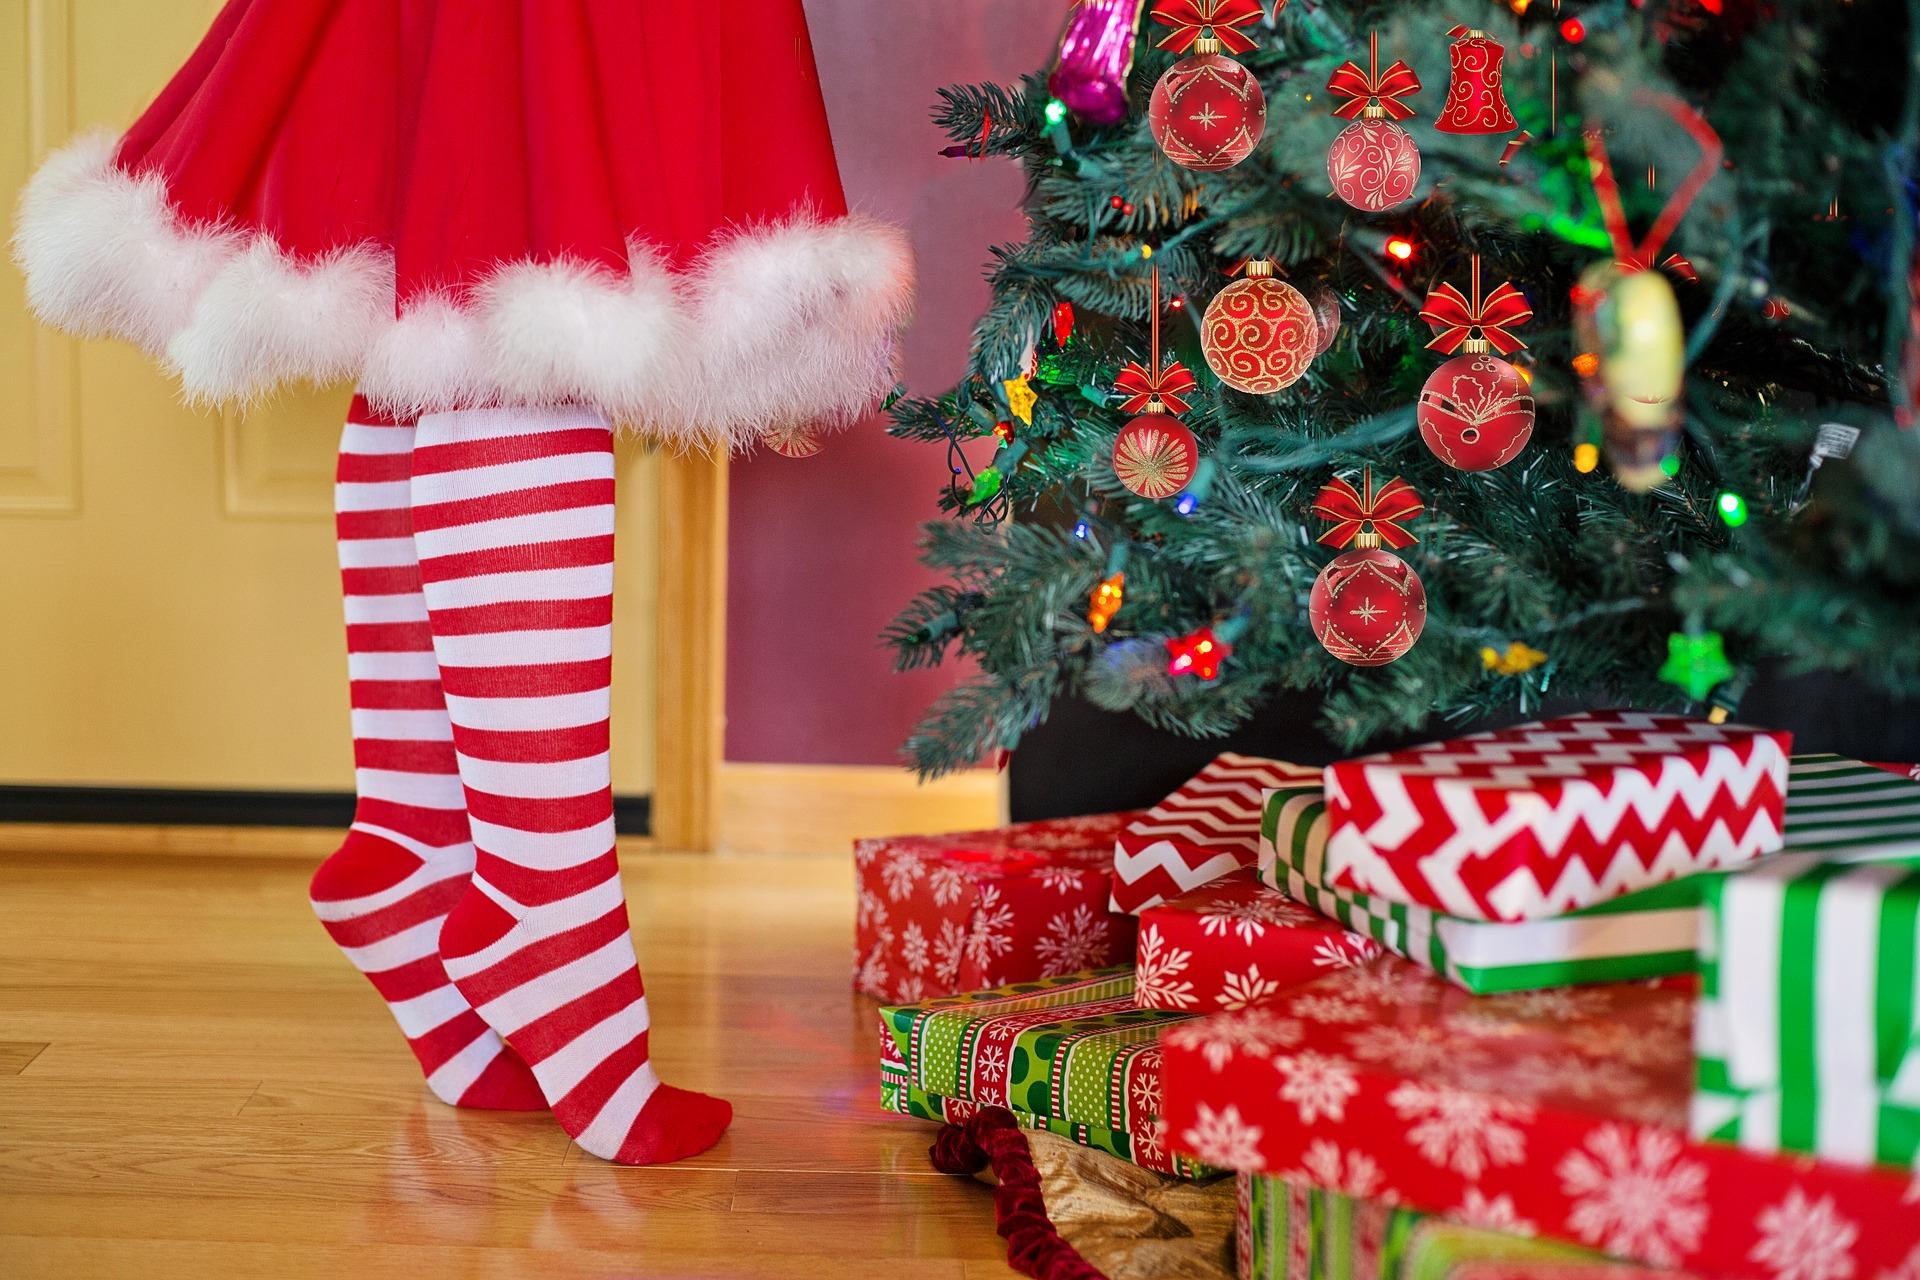 アドベントカレンダー型のクリスマスコフレ!